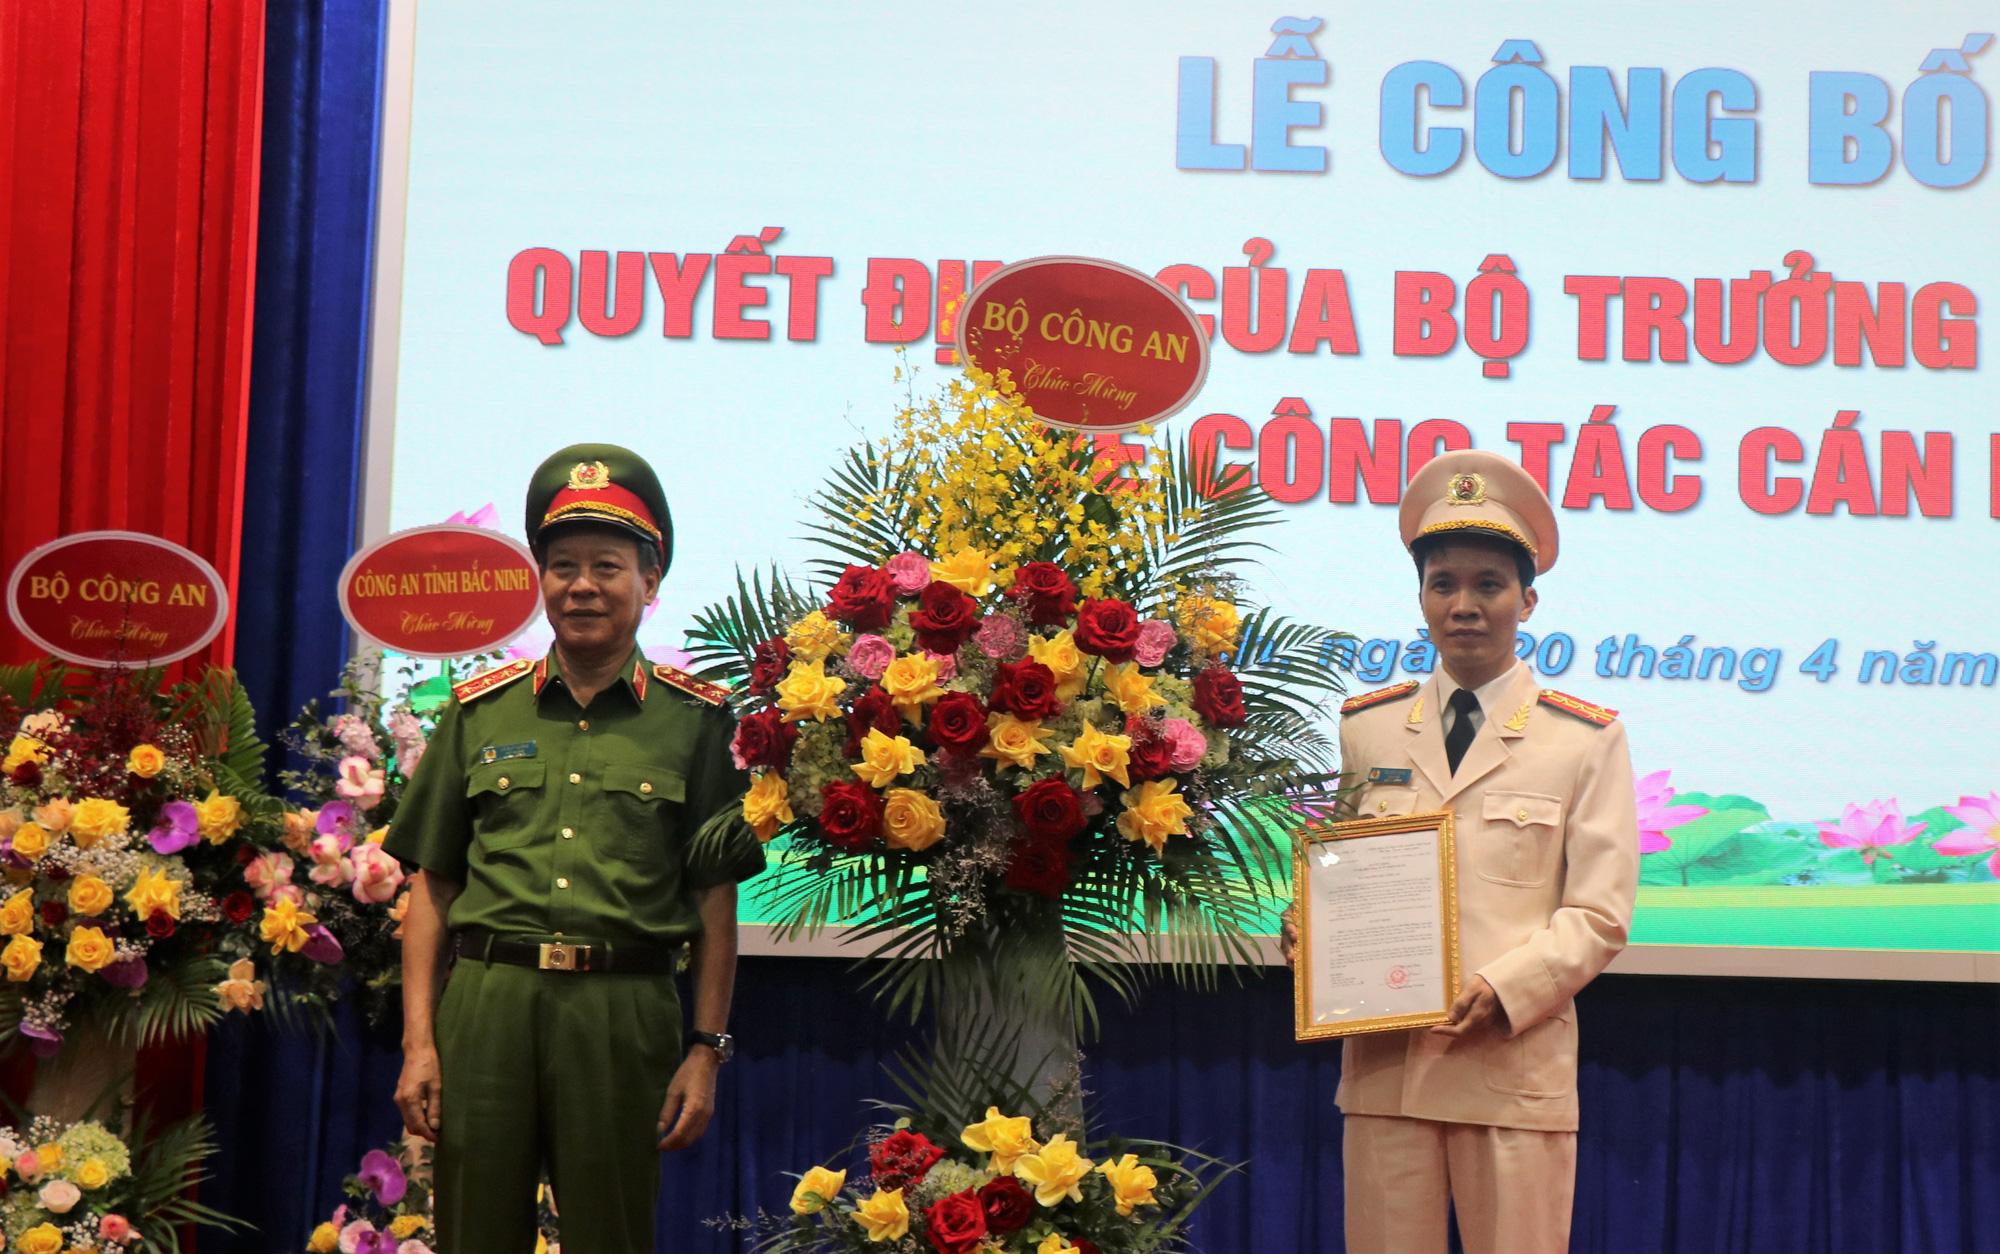 Đại tá Bùi Duy Hưng giữ chức Giám đốc Công an tỉnh Bắc Ninh - Ảnh 1.